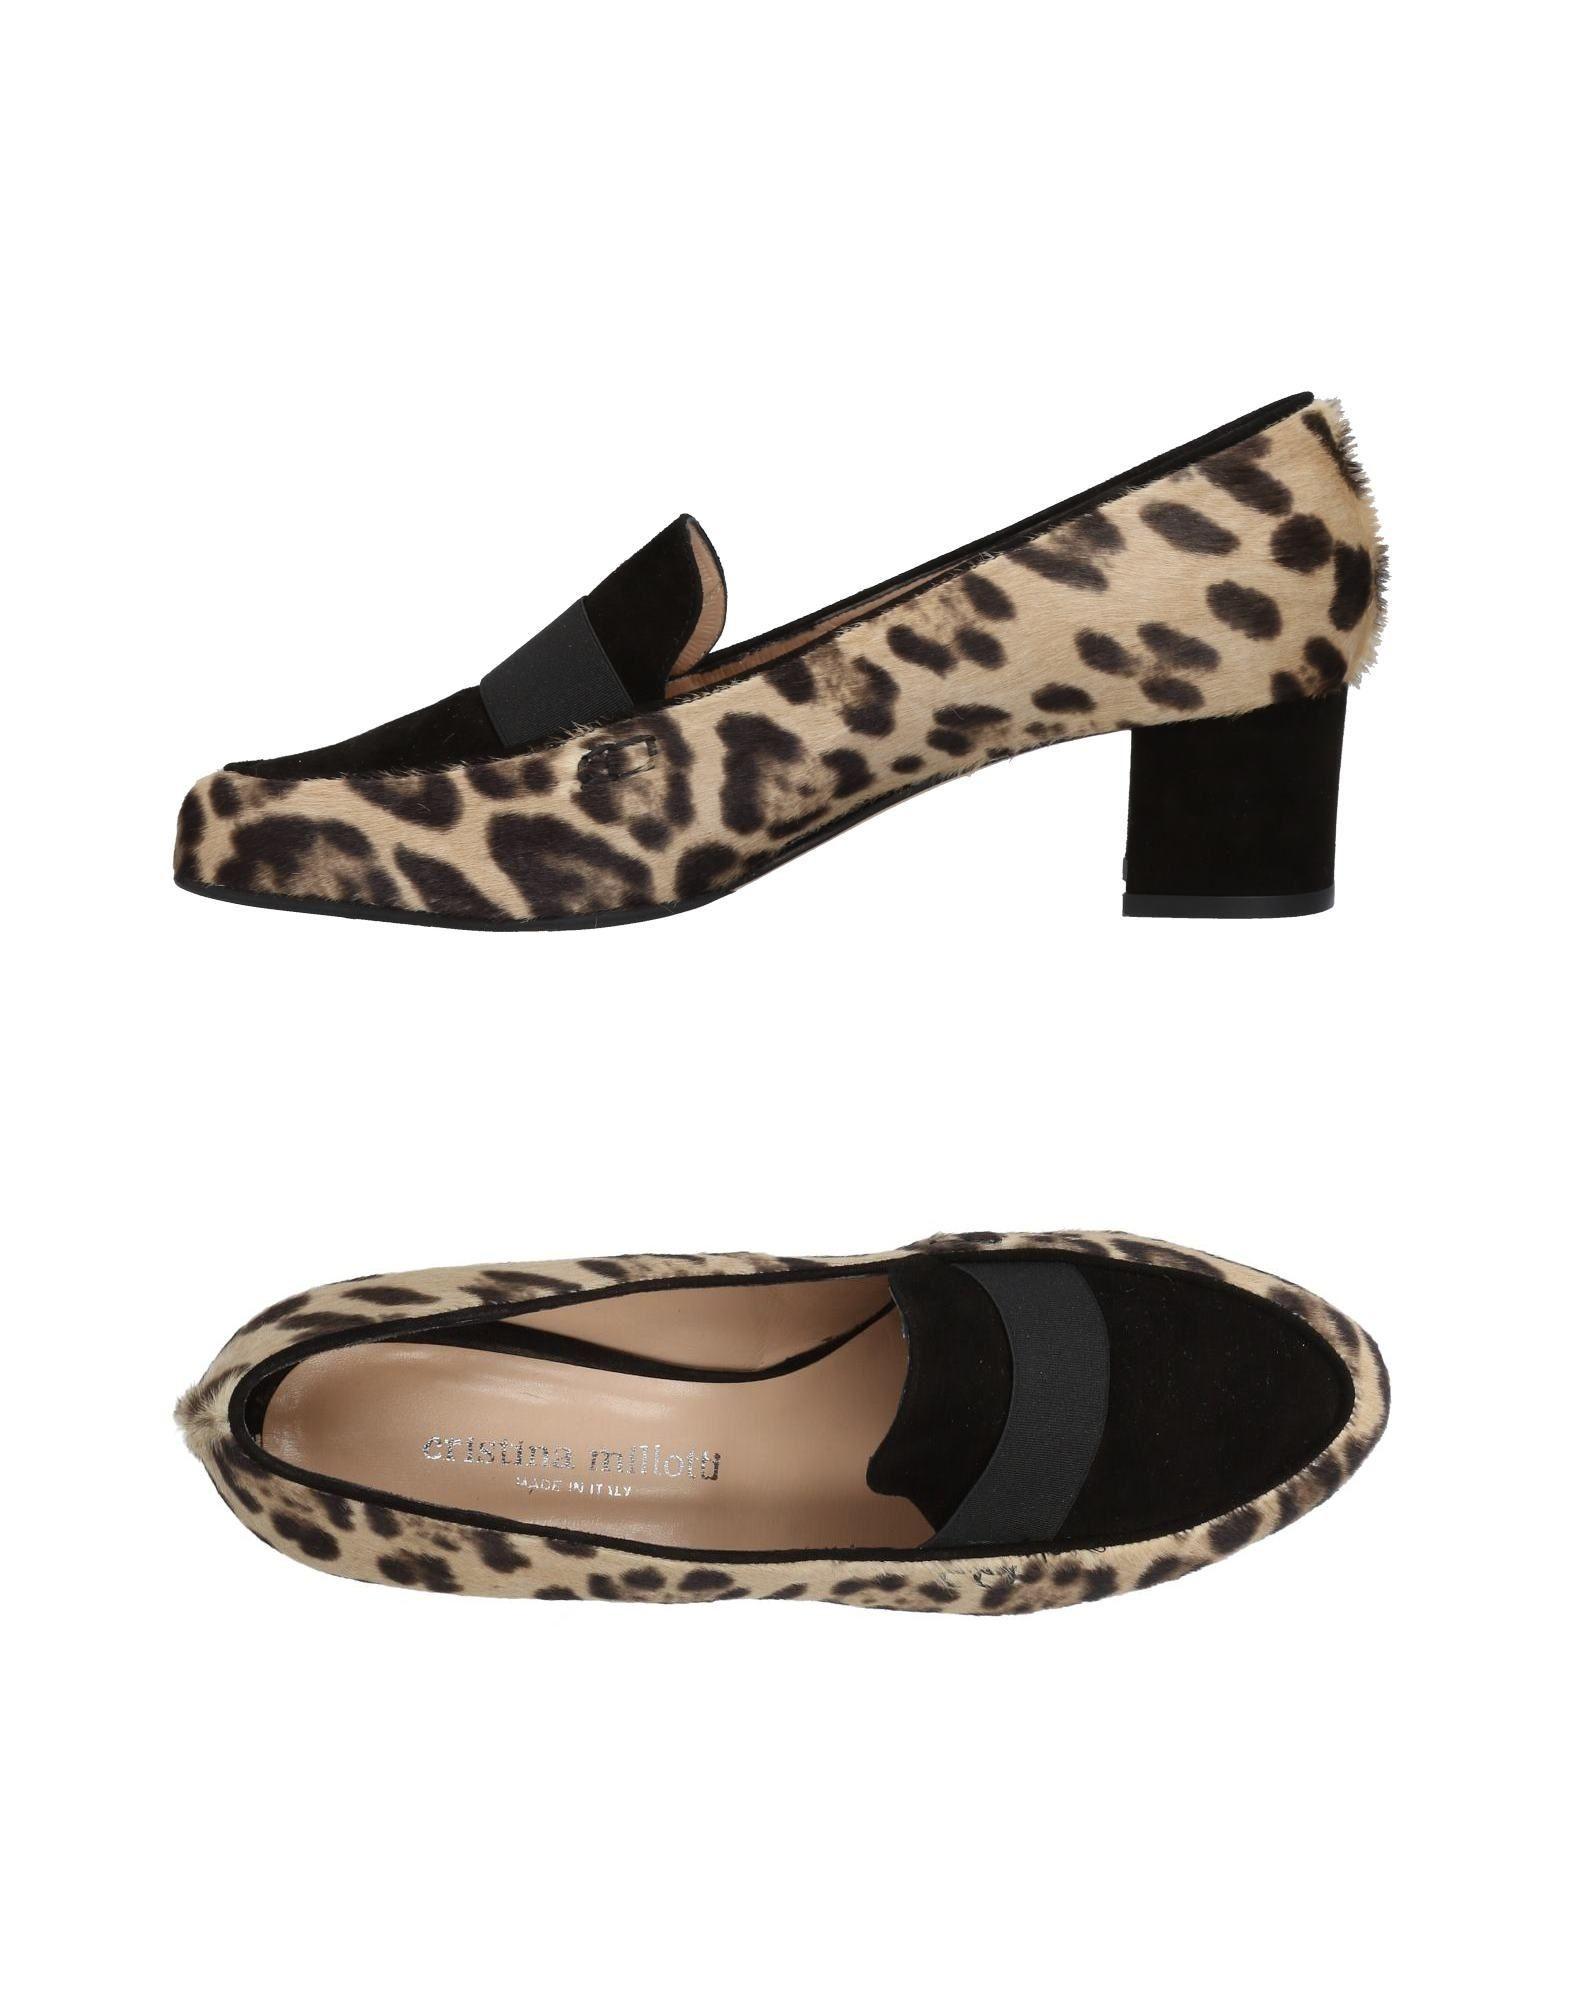 Cristina Millotti Mokassins Damen  11457993IP Gute Qualität beliebte Schuhe